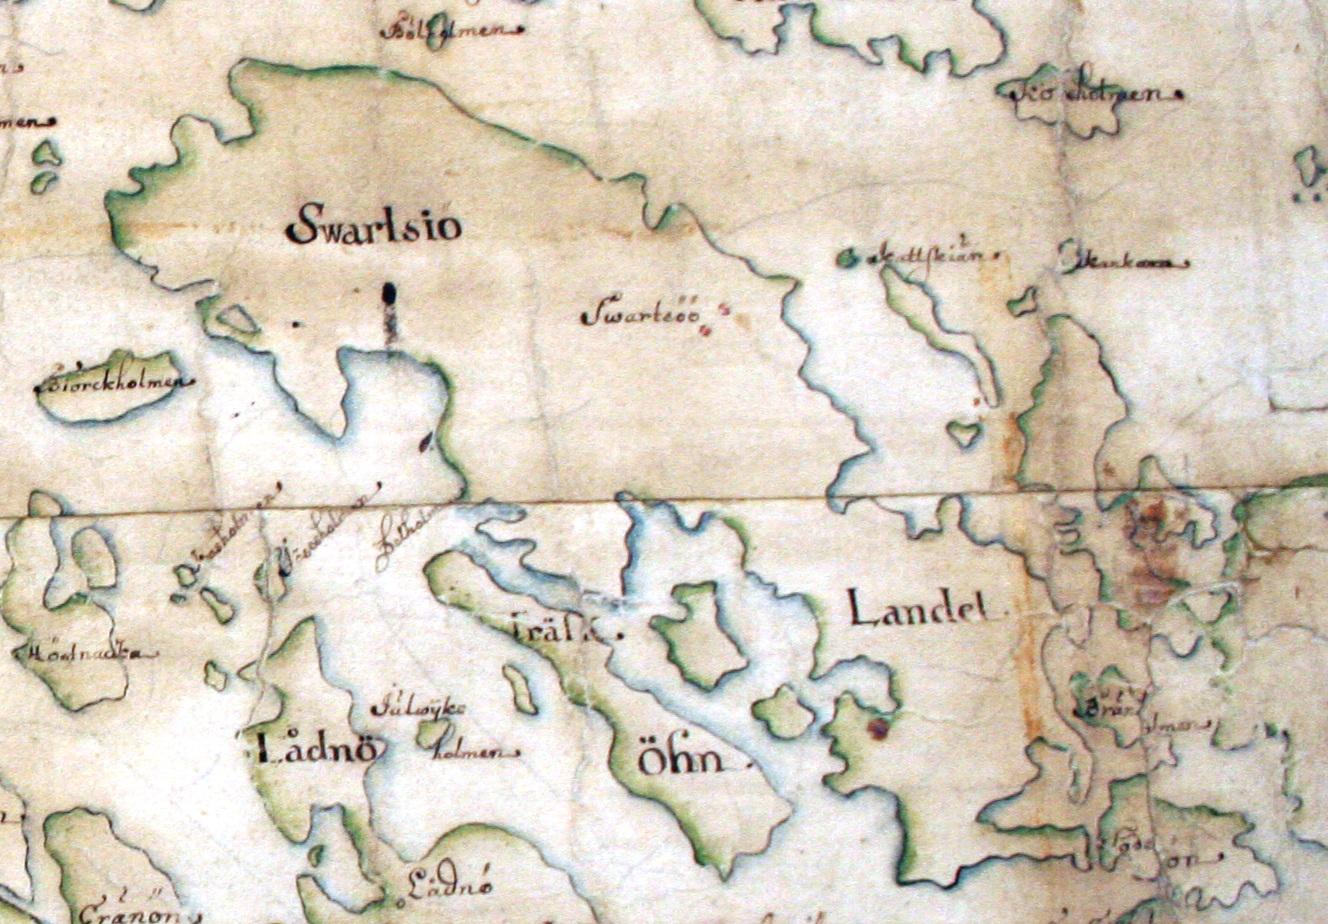 Svartsö och Träskö på Carl Gripenhielms skärgårdskarta från 1690-talet. Tyvärr är kartan skadad i denna del. Väderstrecken är förvridna.